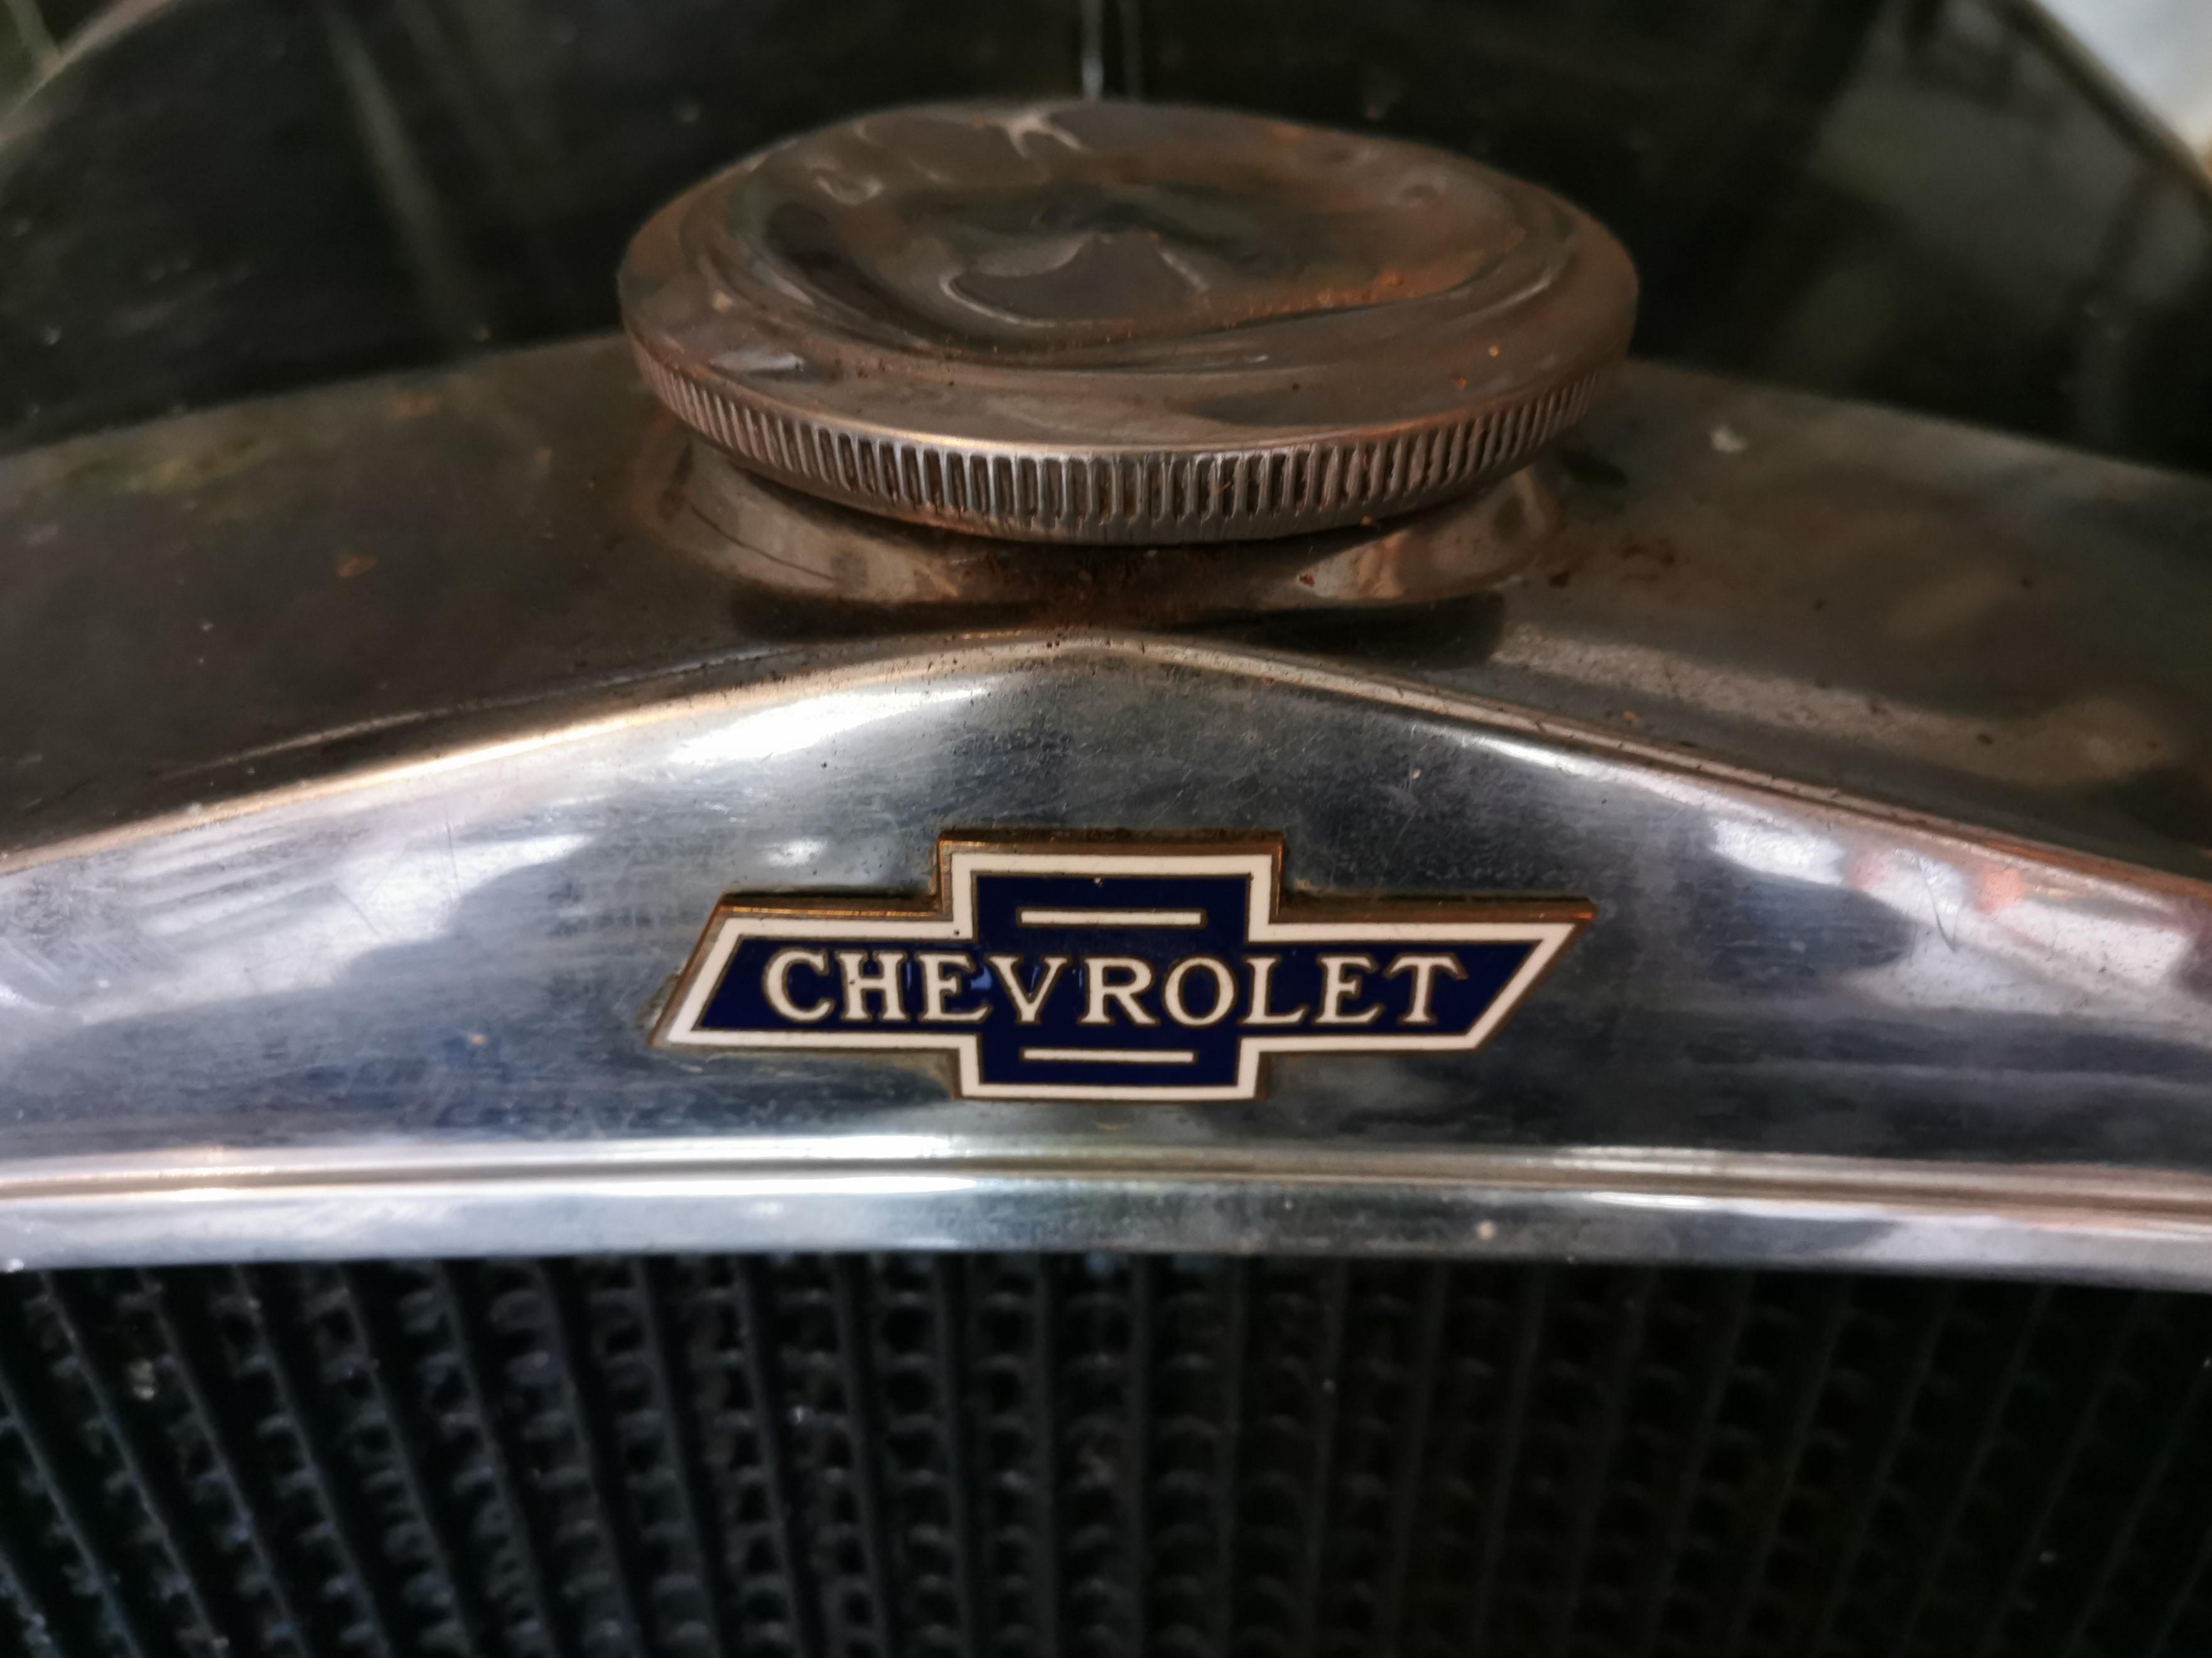 Véhicule de collection de marque CHEVROLET, année 1932, modèle Confédéré, 4 [...] - Image 8 of 11